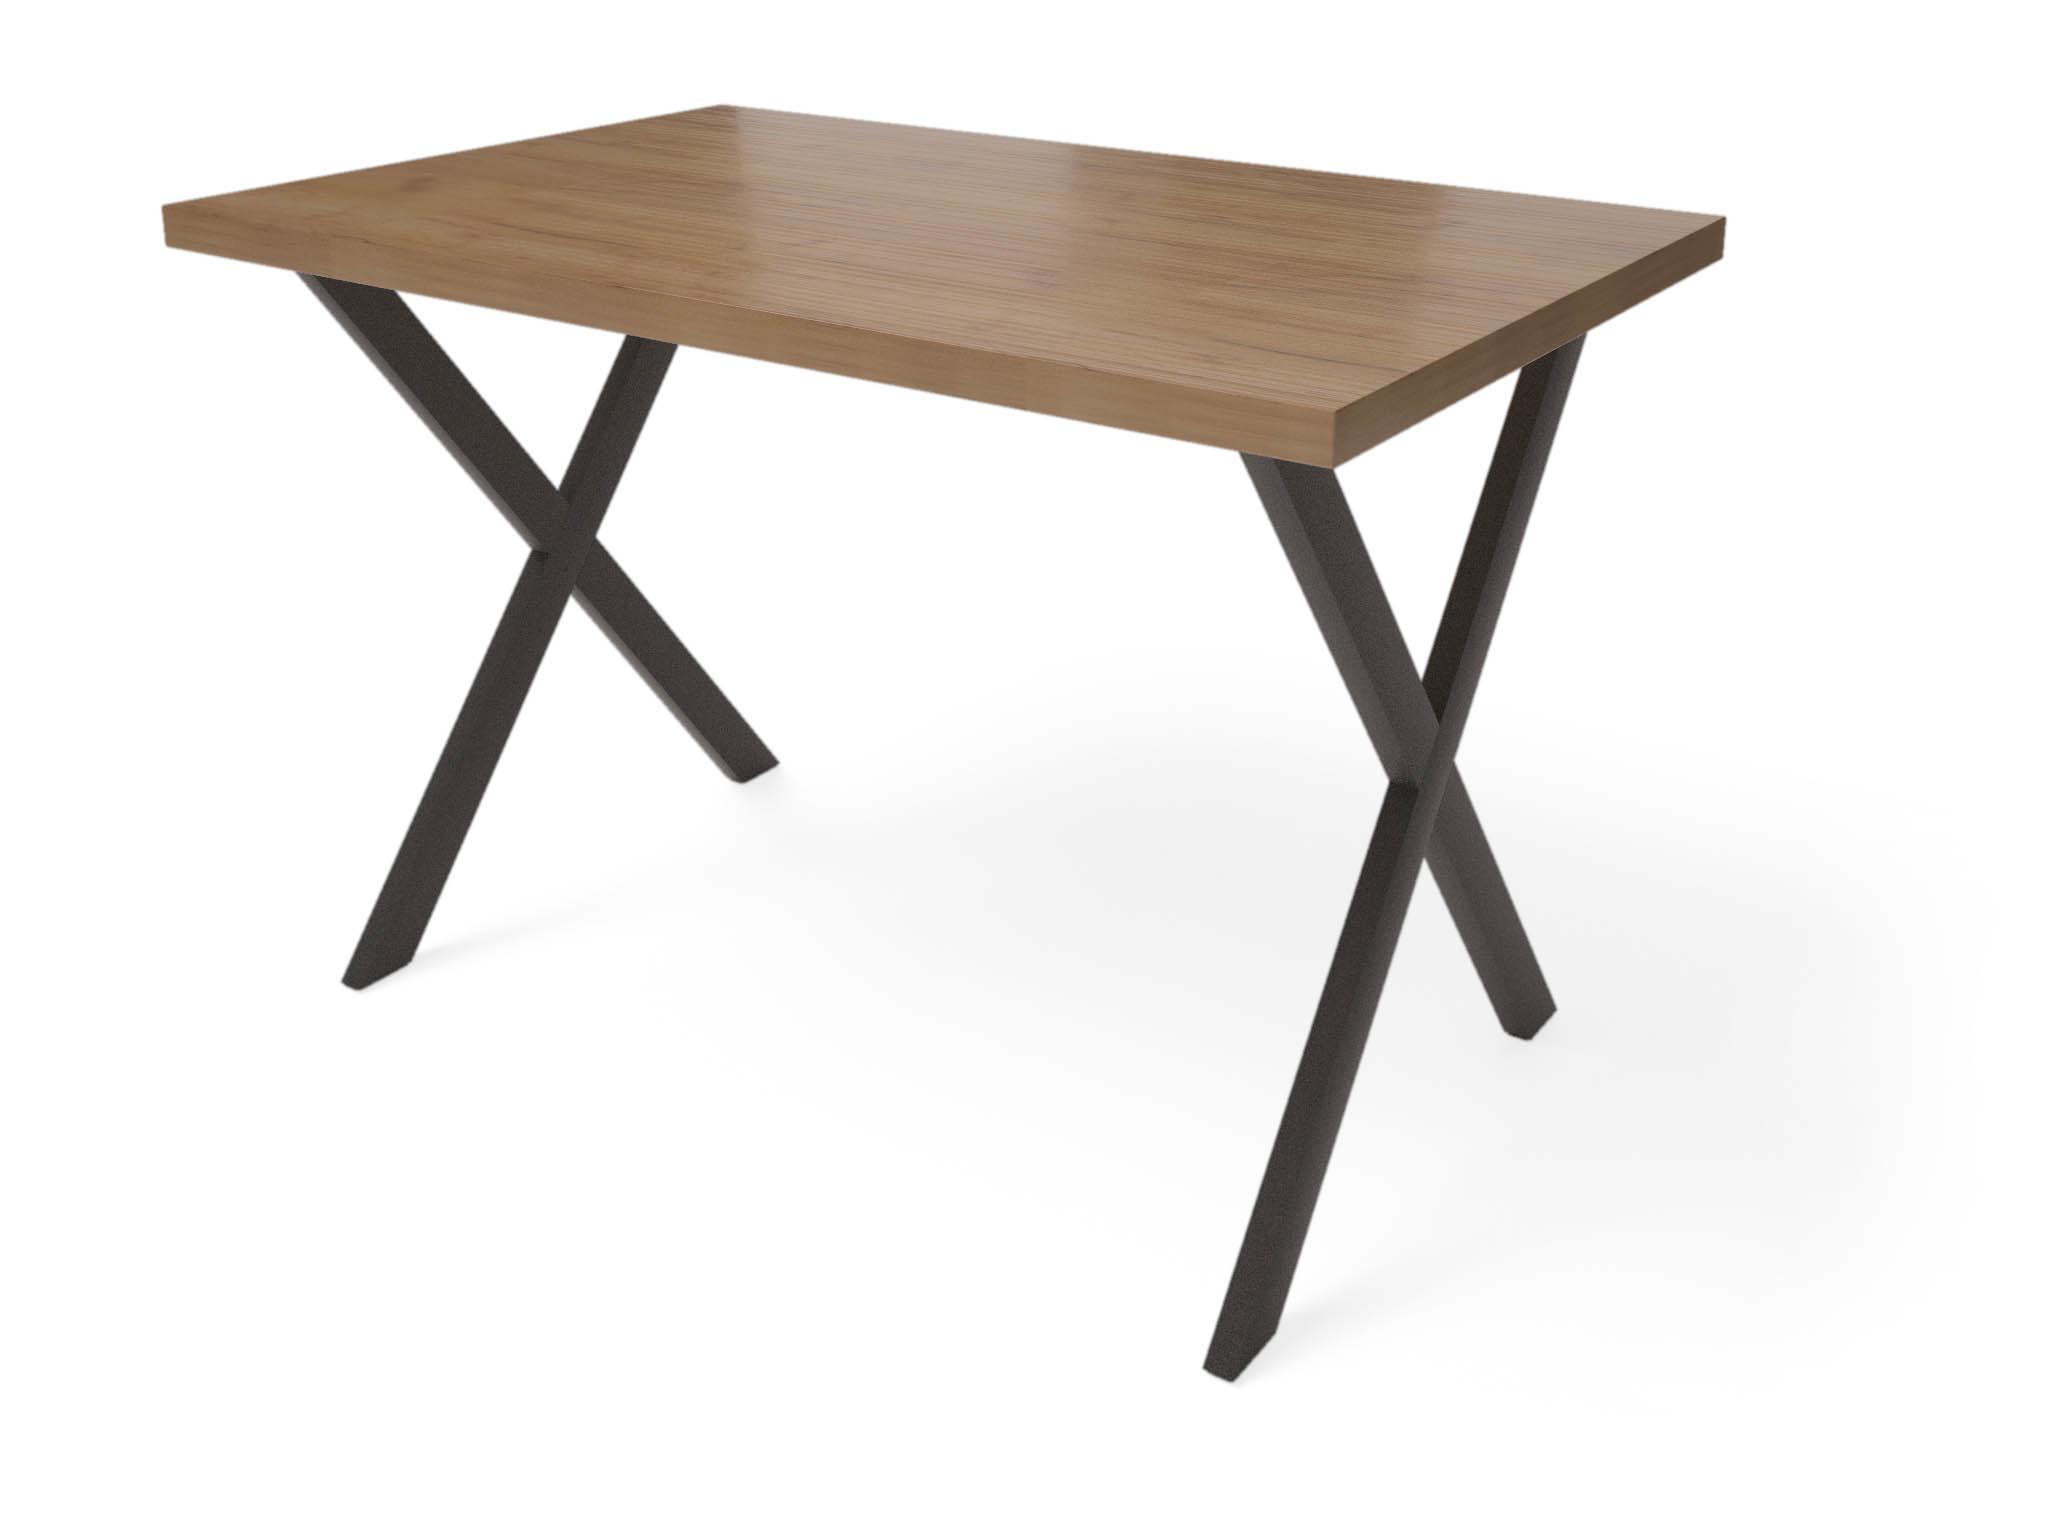 Стол ЛофтПисьменные столы<br>Стильный, красивый, массивный стол серии Raw от Millwood станет по истине достойным предметом Вашего интерьера.&amp;lt;div&amp;gt;&amp;lt;br&amp;gt;&amp;lt;/div&amp;gt;&amp;lt;div&amp;gt;Цвета столов Loft: дуб белый Craft, дуб золотой Craft, дуб табачный Craft.&amp;lt;/div&amp;gt;&amp;lt;div&amp;gt;Цвета опор: белый, черный.&amp;lt;/div&amp;gt;&amp;lt;div&amp;gt;&amp;lt;br&amp;gt;&amp;lt;/div&amp;gt;<br><br>Material: ДСП<br>Ширина см: 120<br>Высота см: 75<br>Глубина см: 70